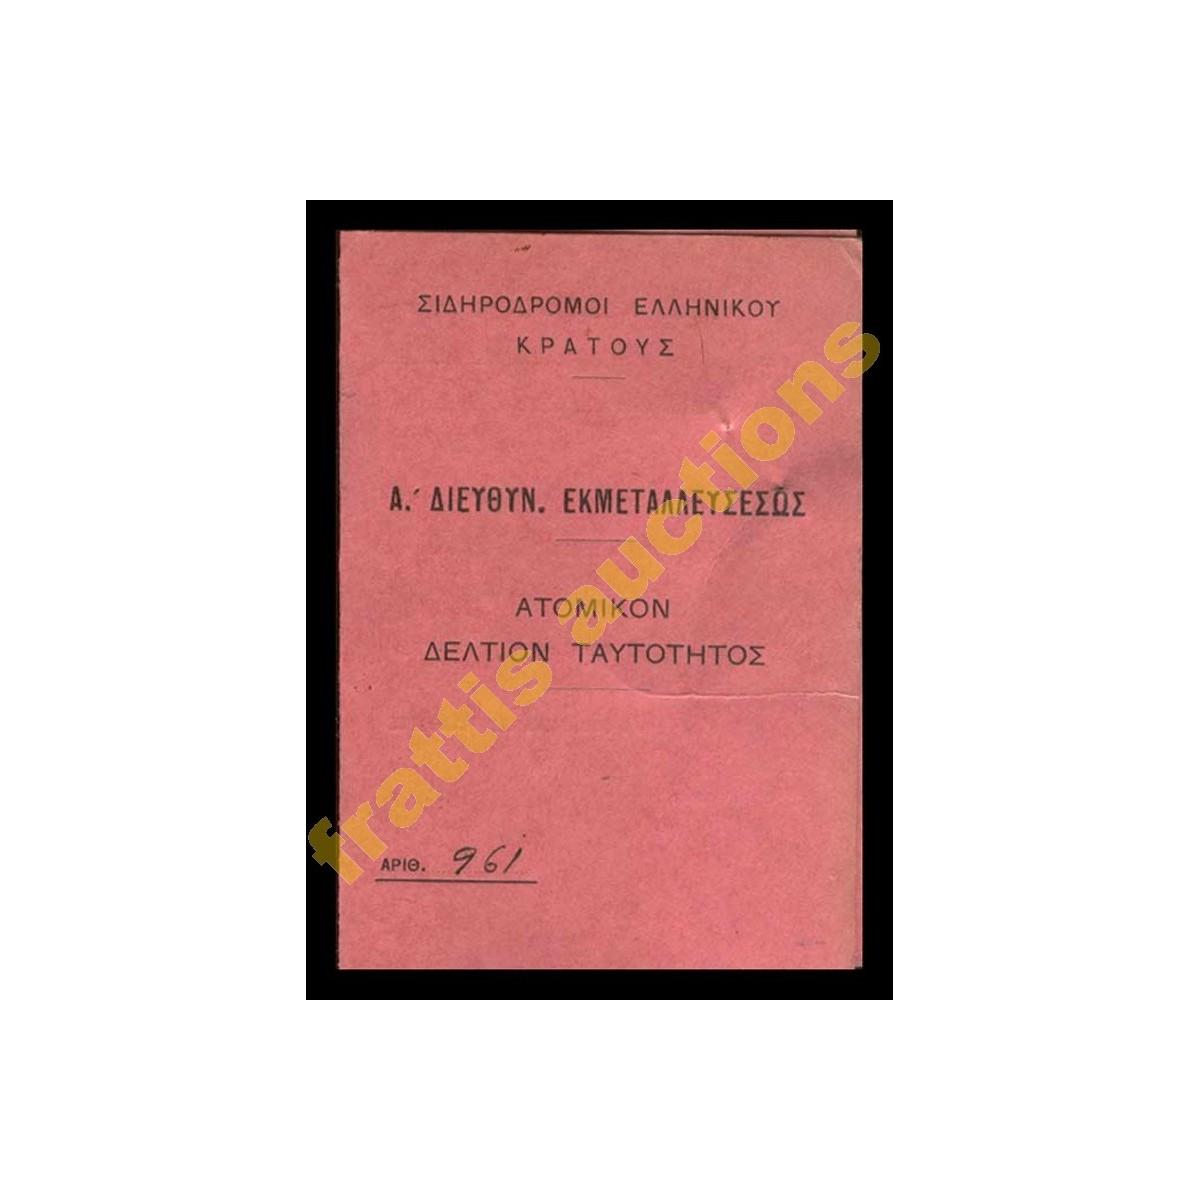 ΣΙΔΗΡΟΔΡΟΜΟΙ ΕΛΛ. ΚΡΑΤΟΥΣ Δελτιο ταυτότητας 1926.